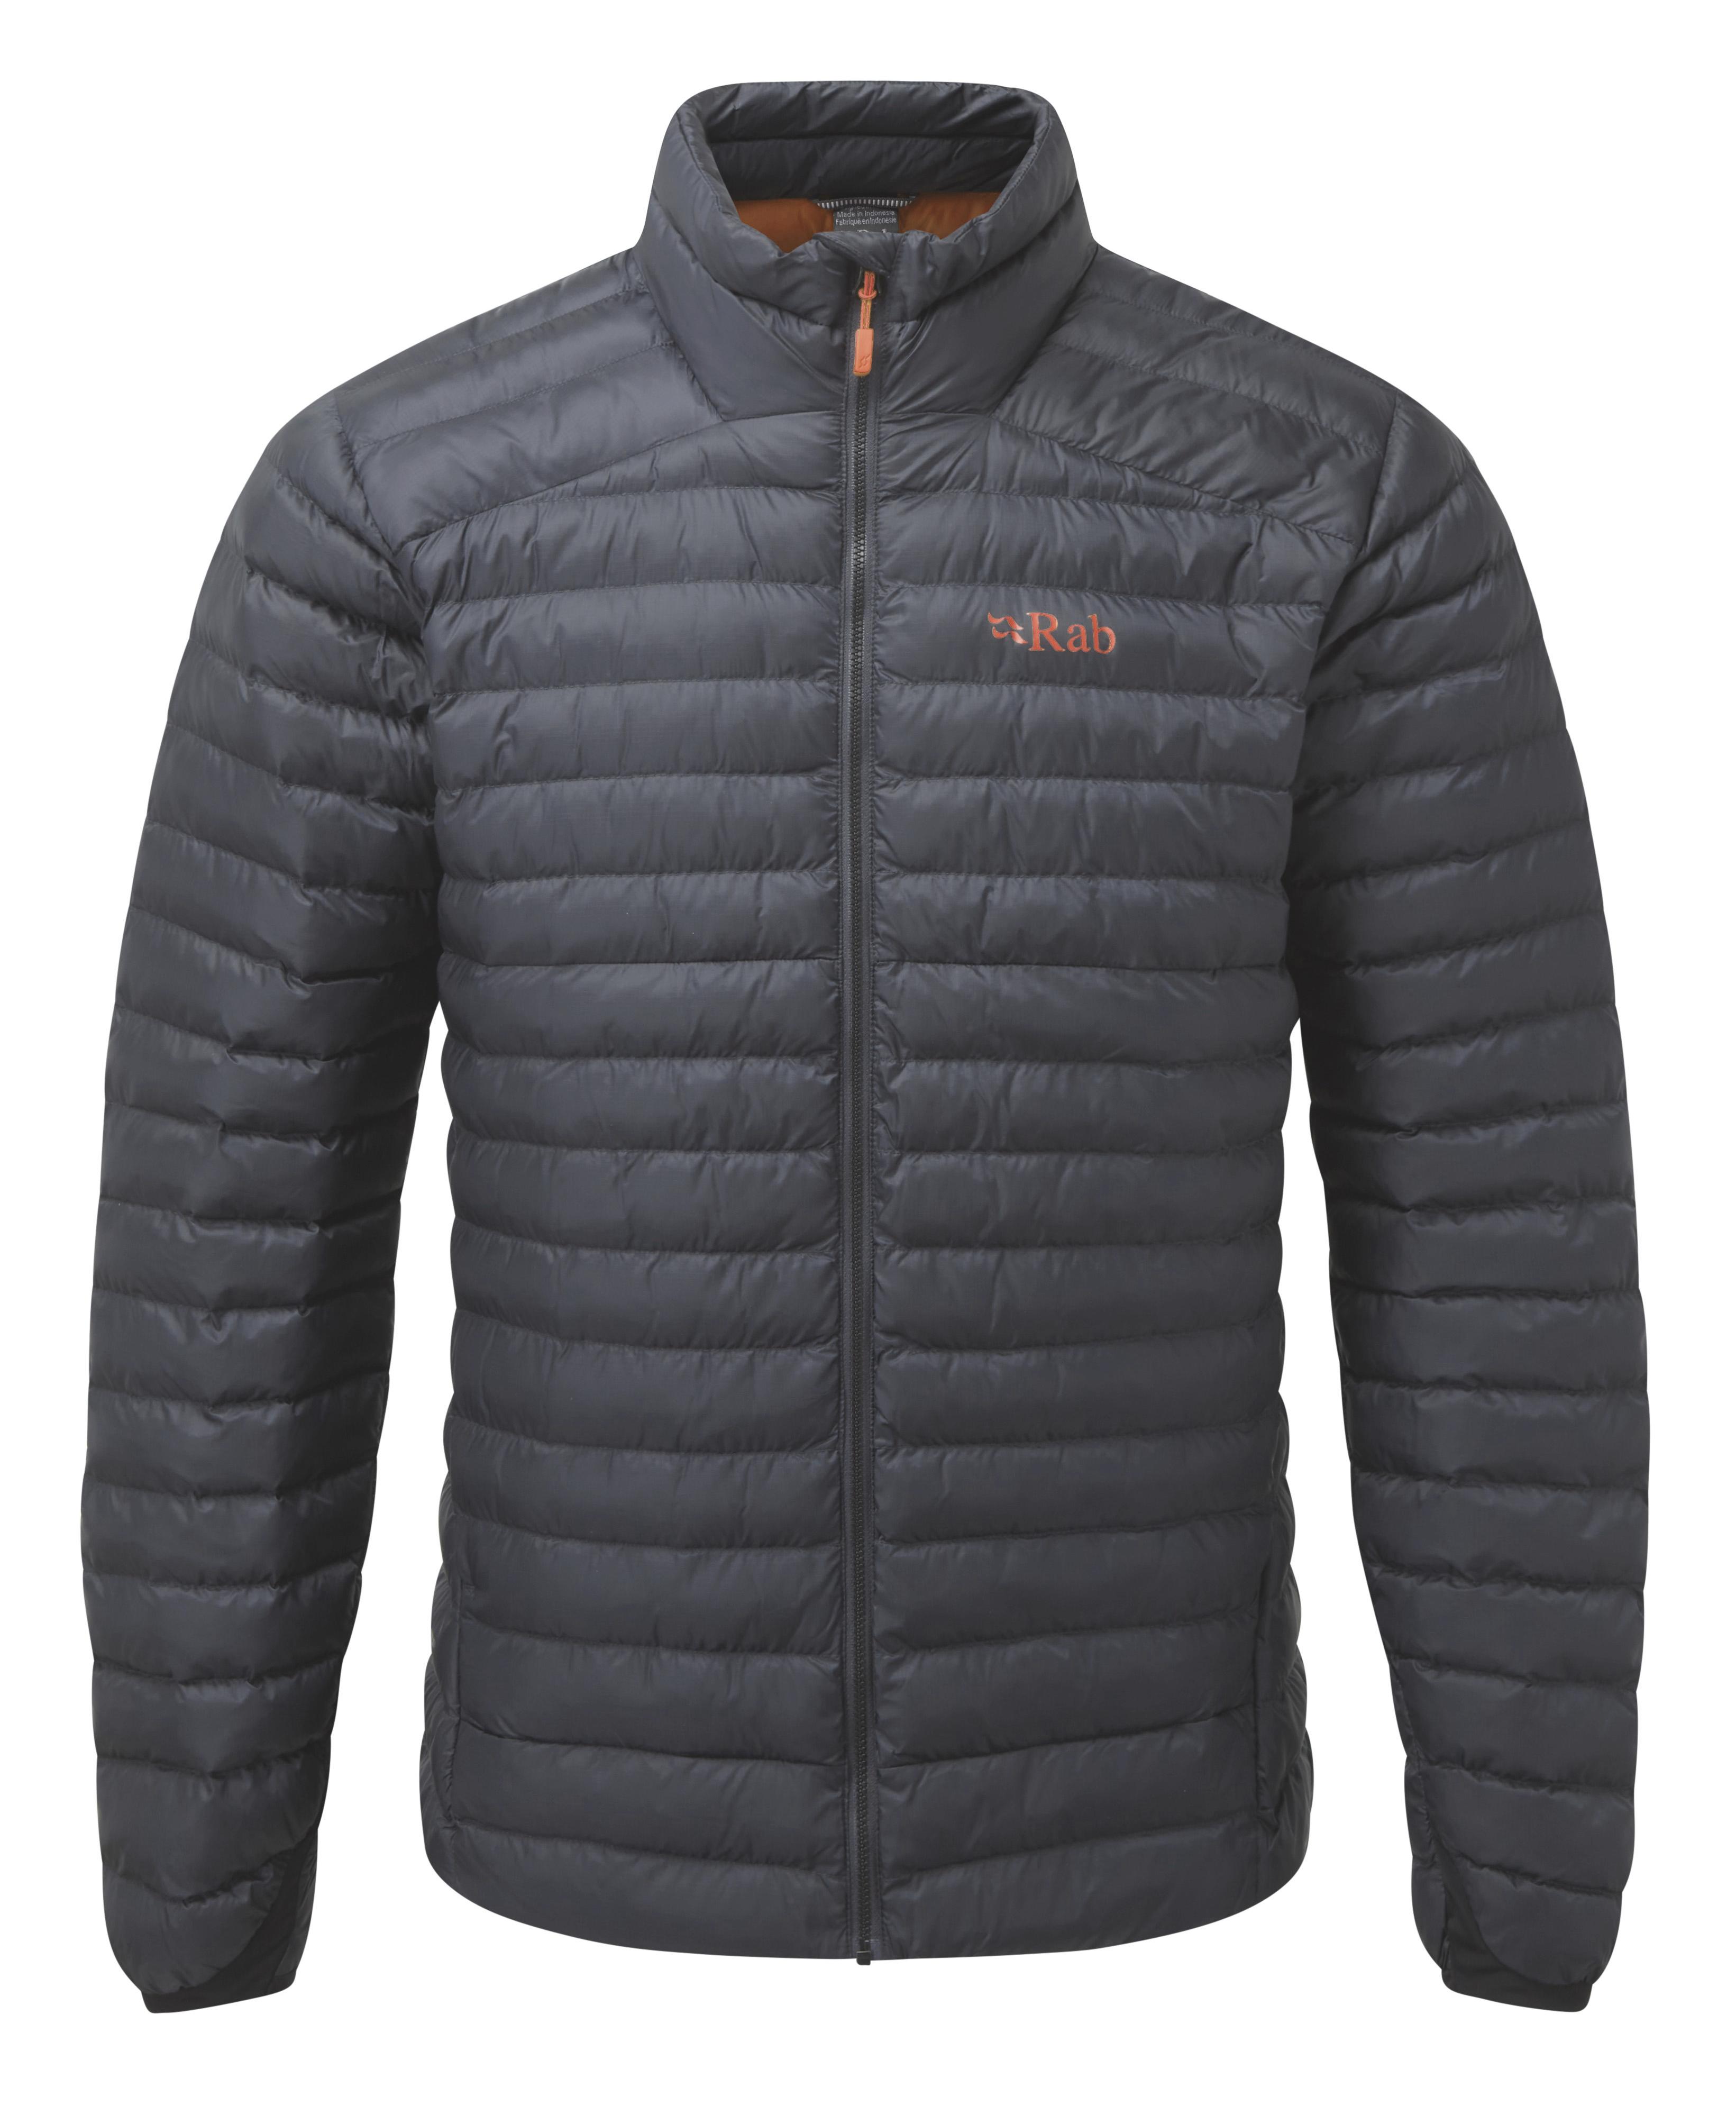 Rab Cirrus Mens Jacket - £70 @ Trekitt